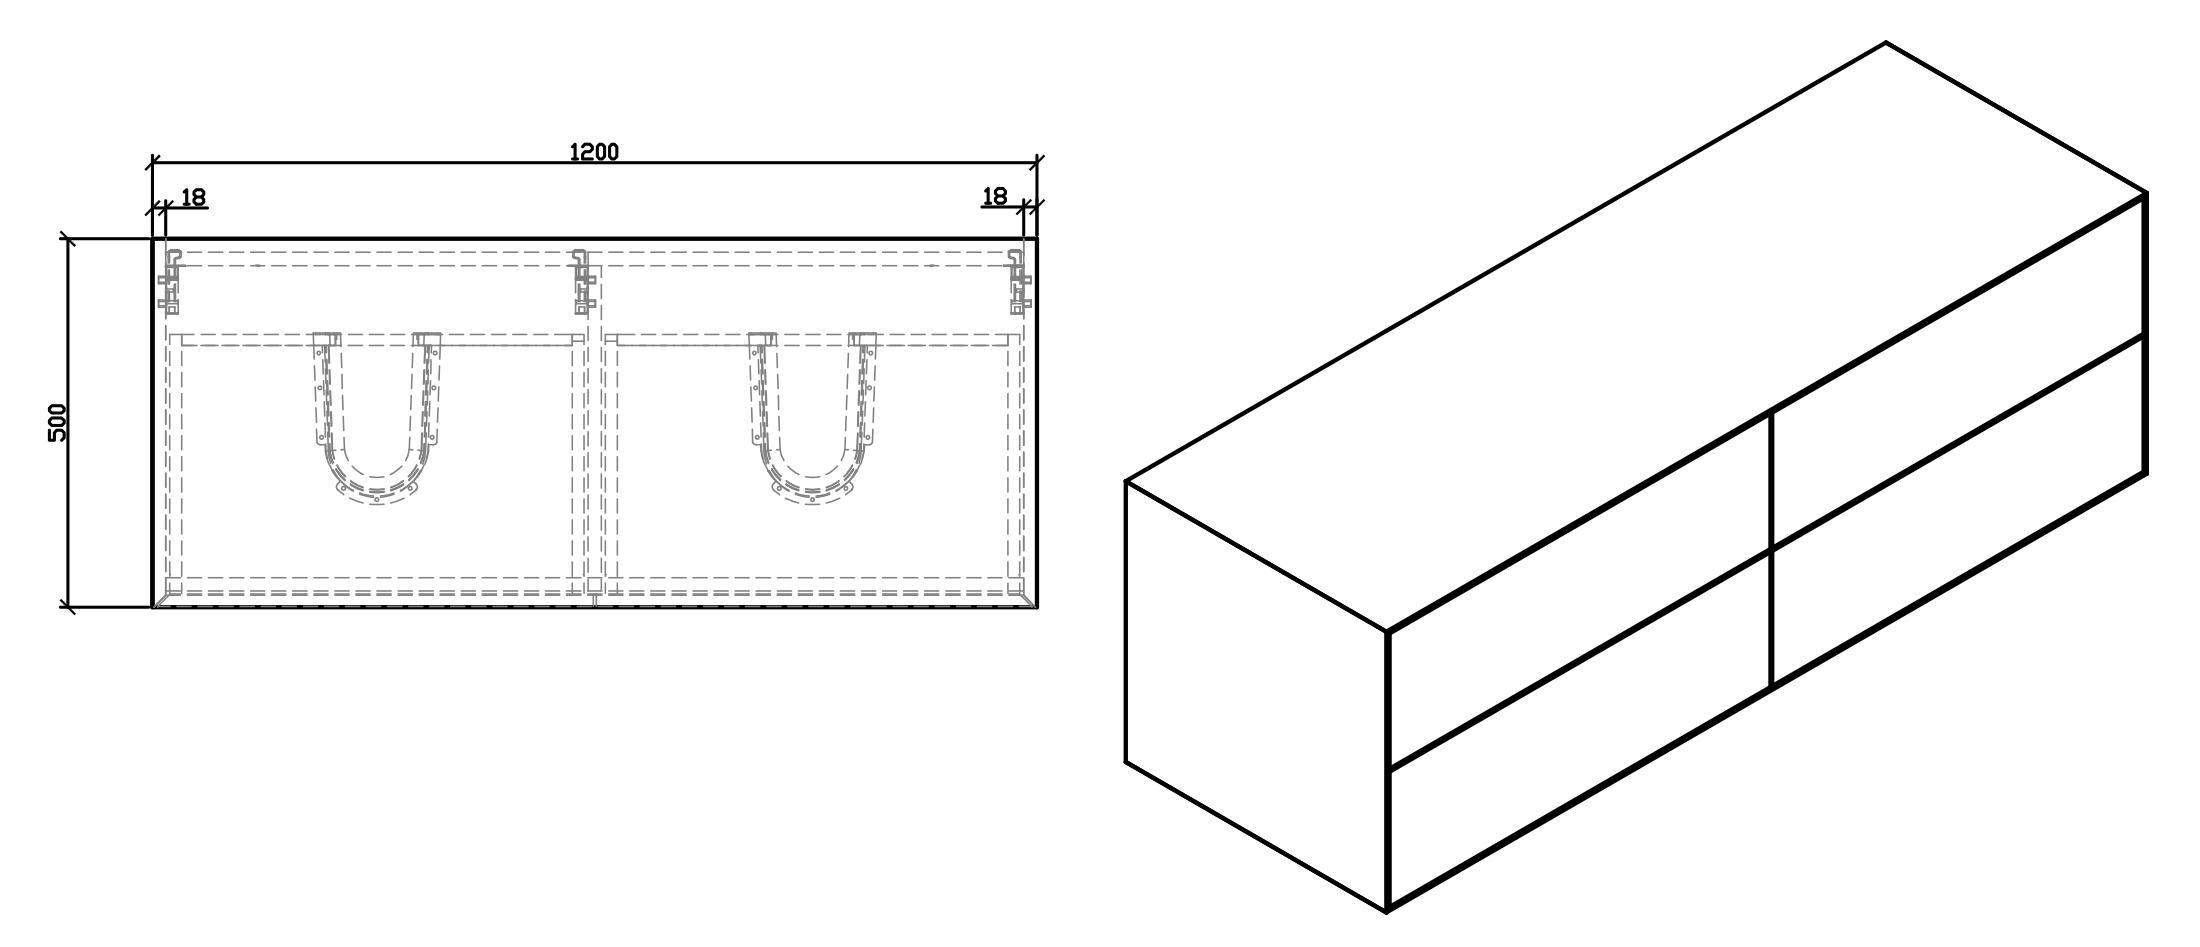 Badmöbel Milou 1200 - Zeichnung 2